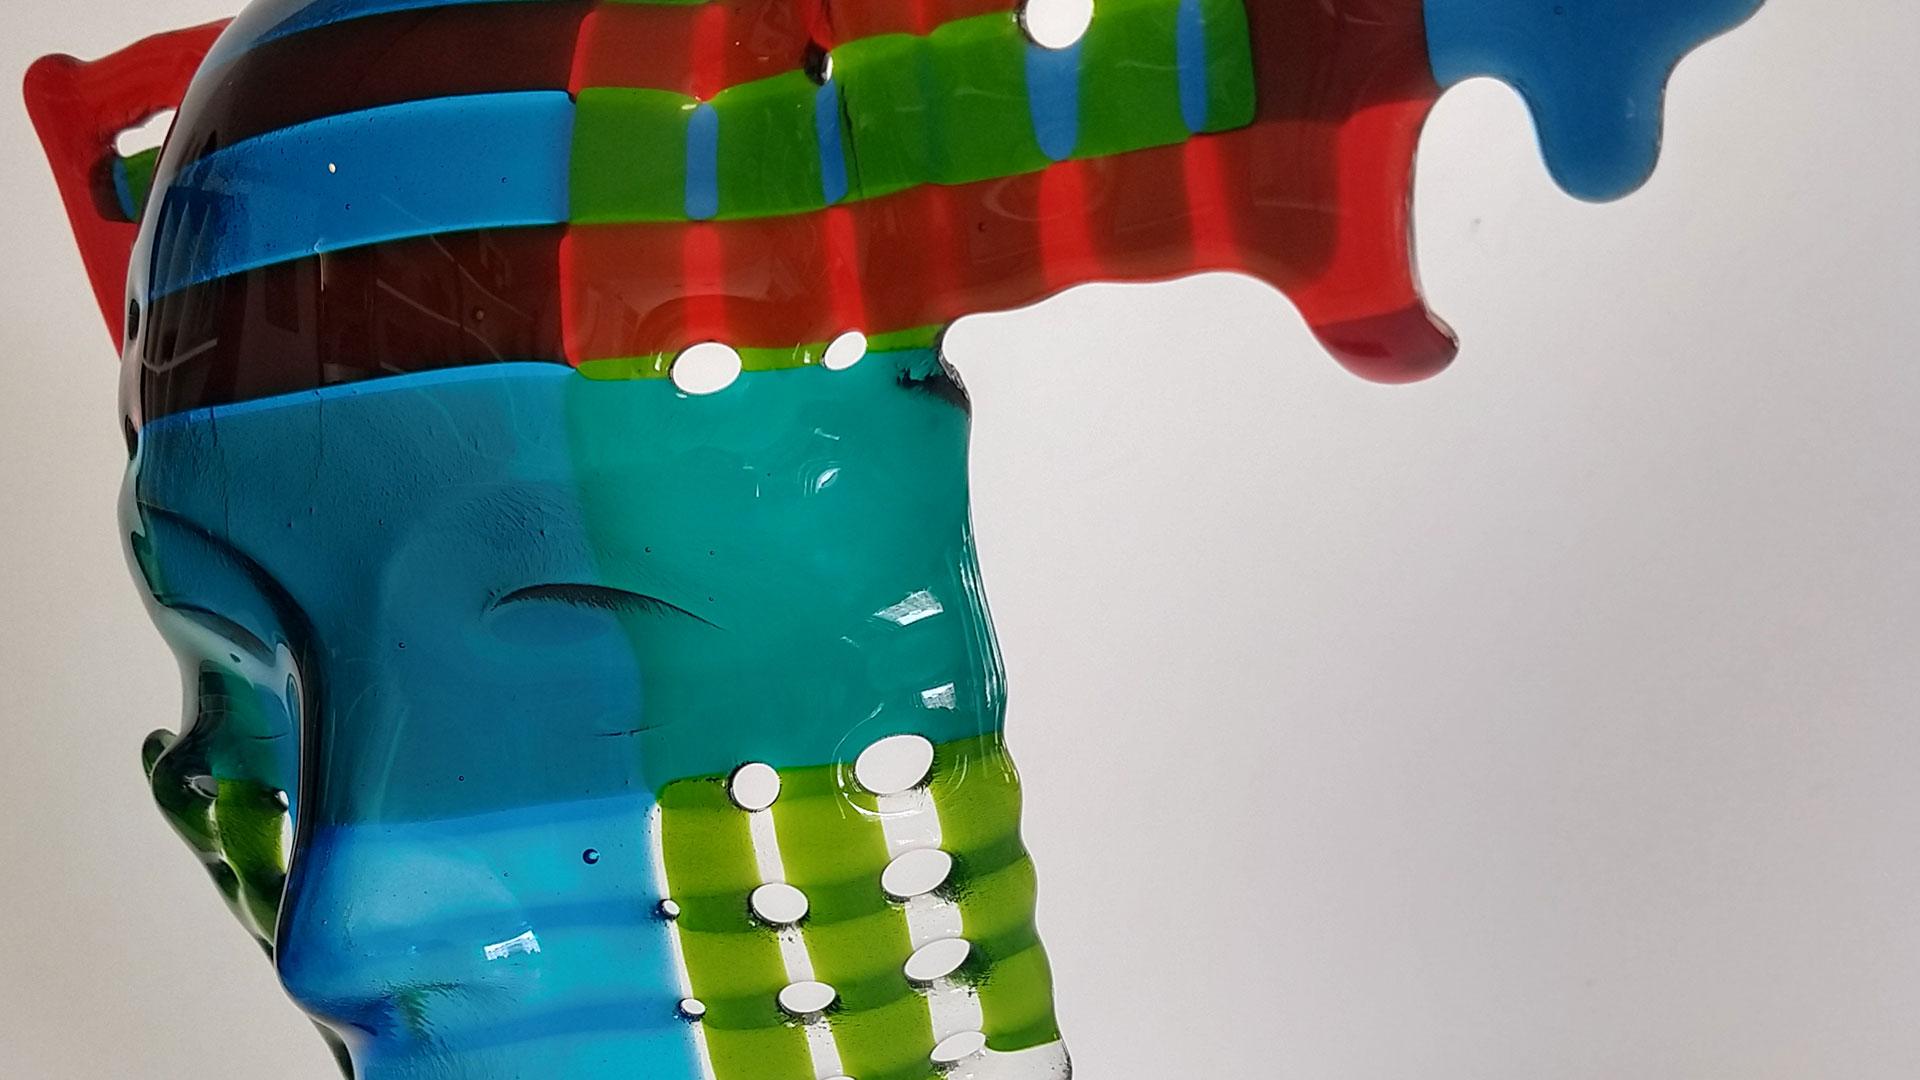 beeld van een glaskunstwerk Checkpoint van Jolanda van Atteveld voor de expositie Schittering aan het water in de Hofboerderij in Wateringen in het Westland